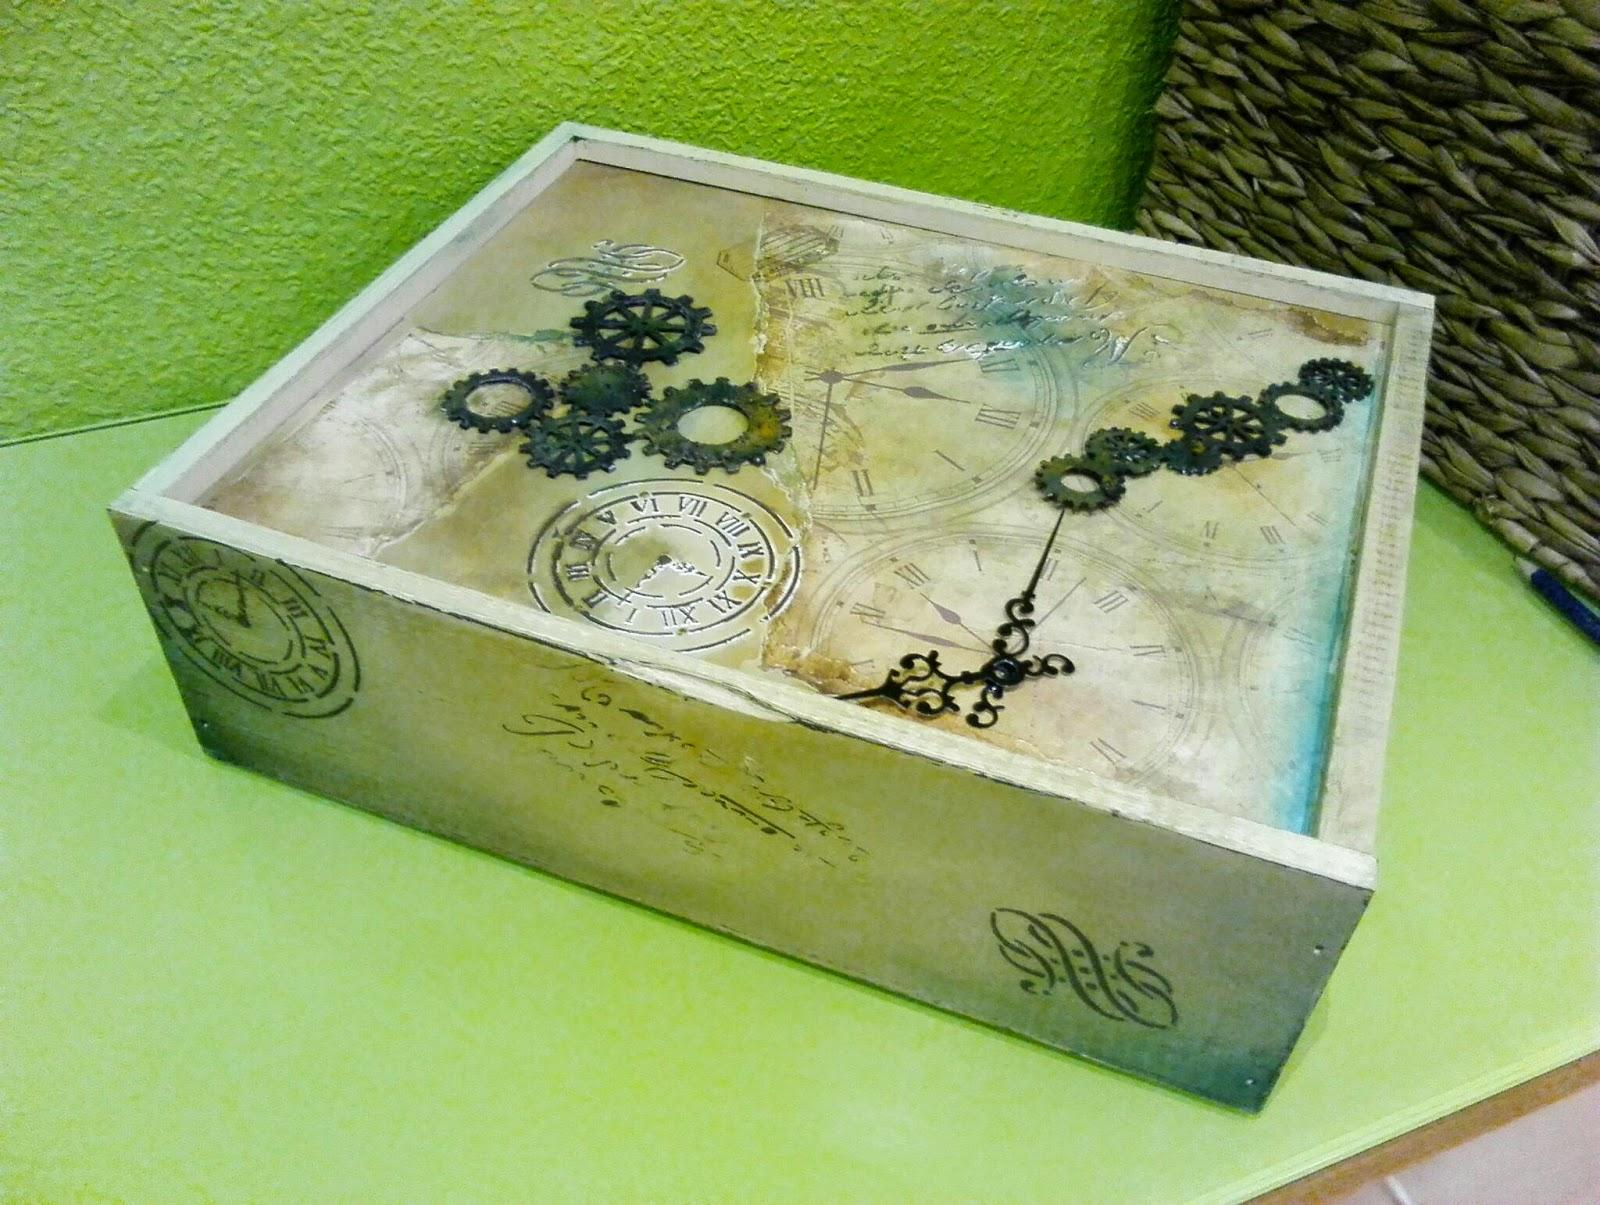 caja de vino - Cajas De Vino Decoradas